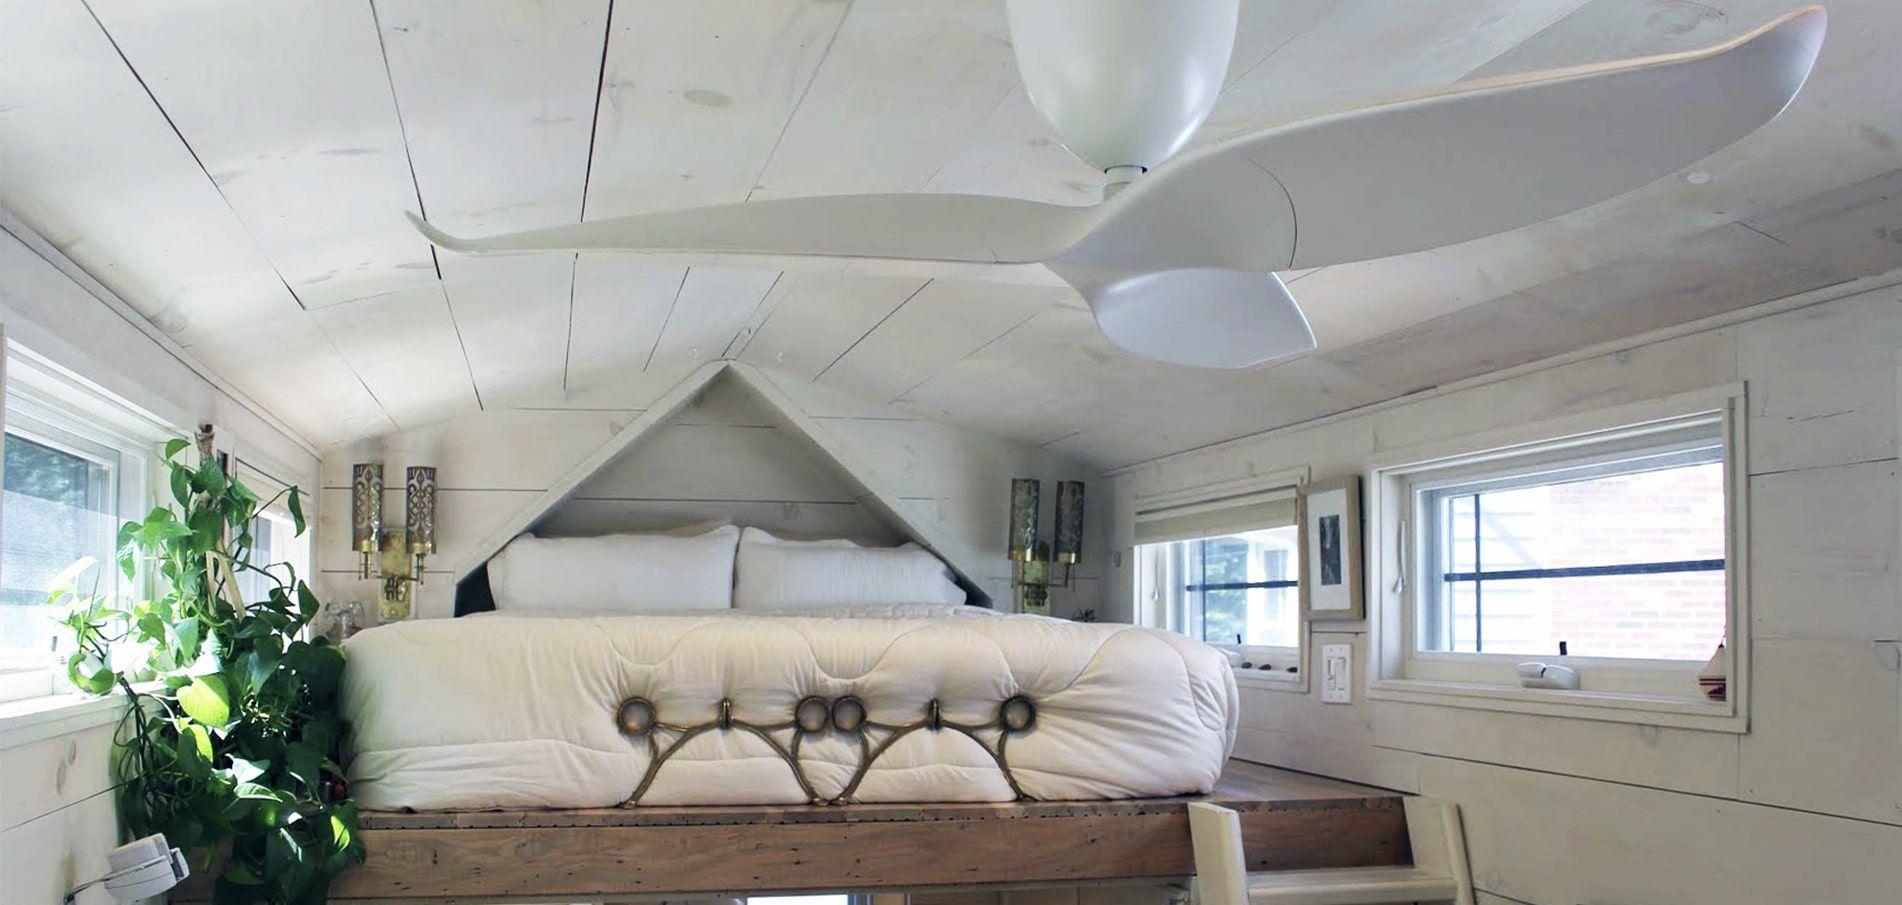 ventilador de techo 2-min